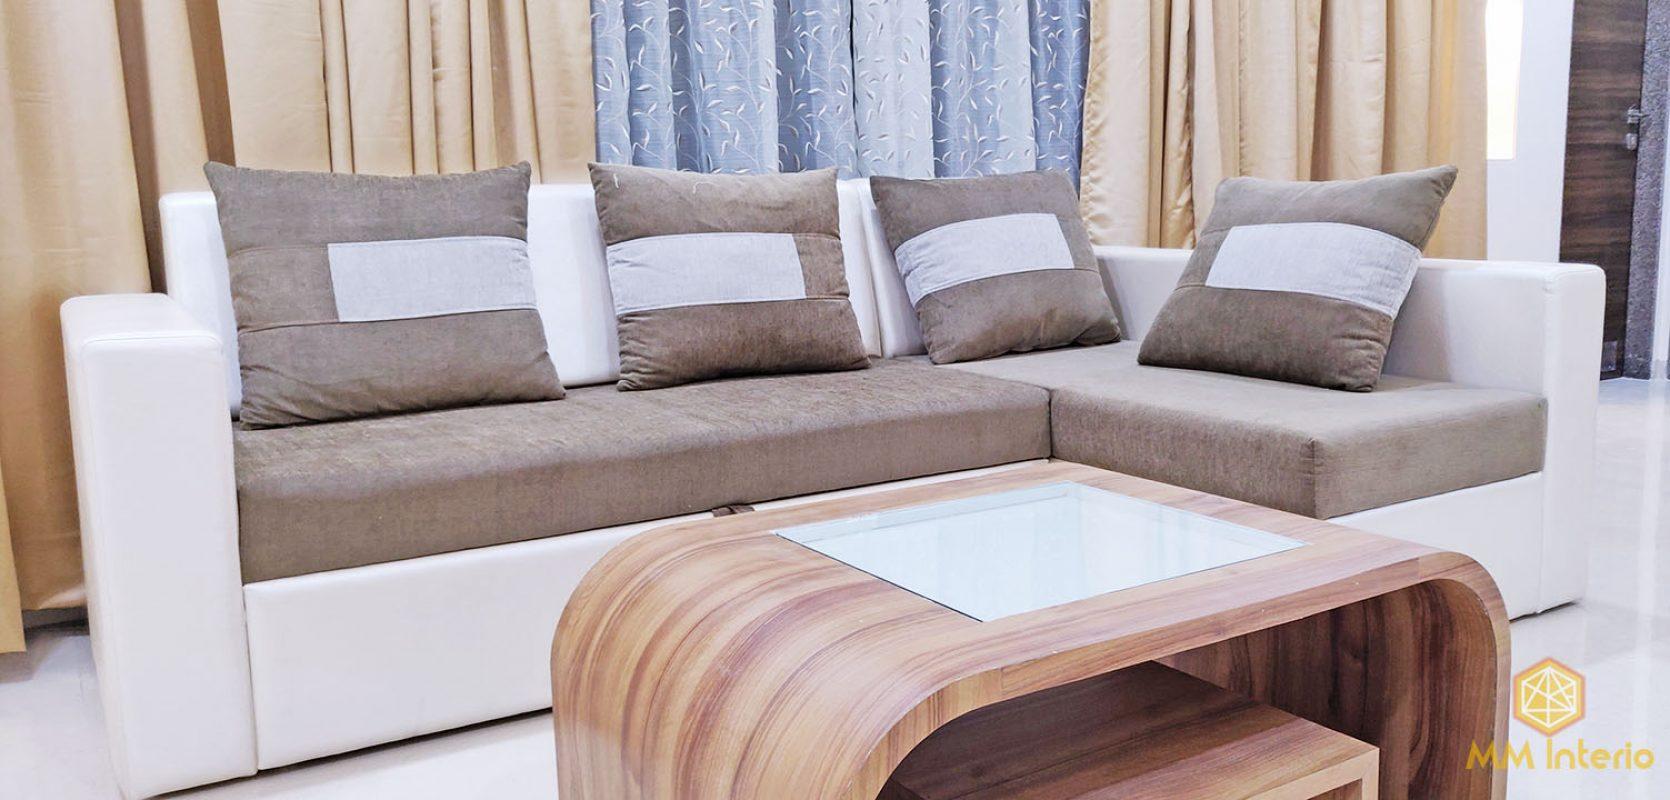 04-Sofa Cum Bed